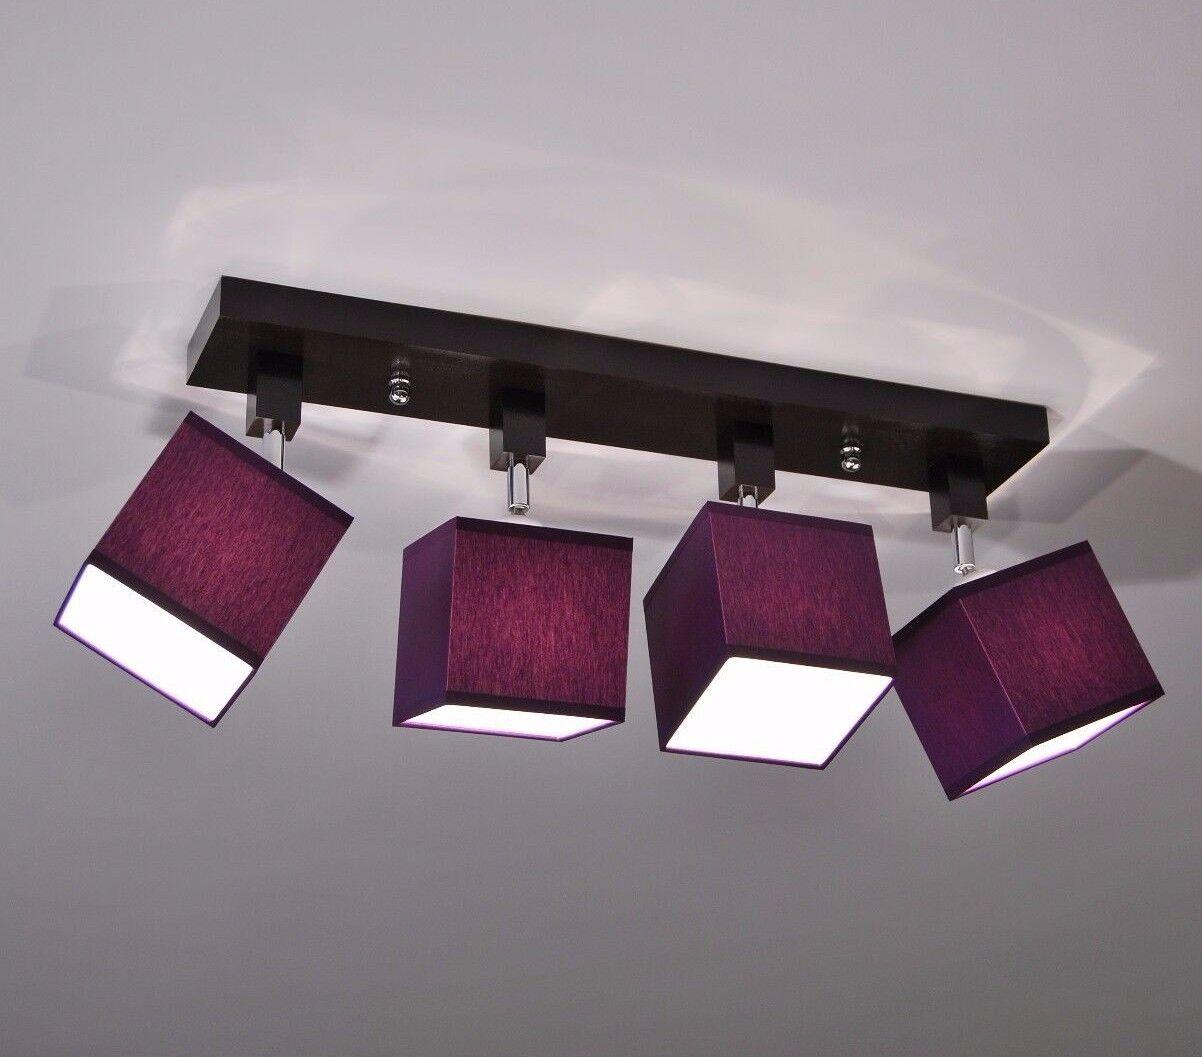 Deckenlampe Deckenstrahler LLS459DPR Leuchte Strahler Wohnzimmer Decken-leuchte